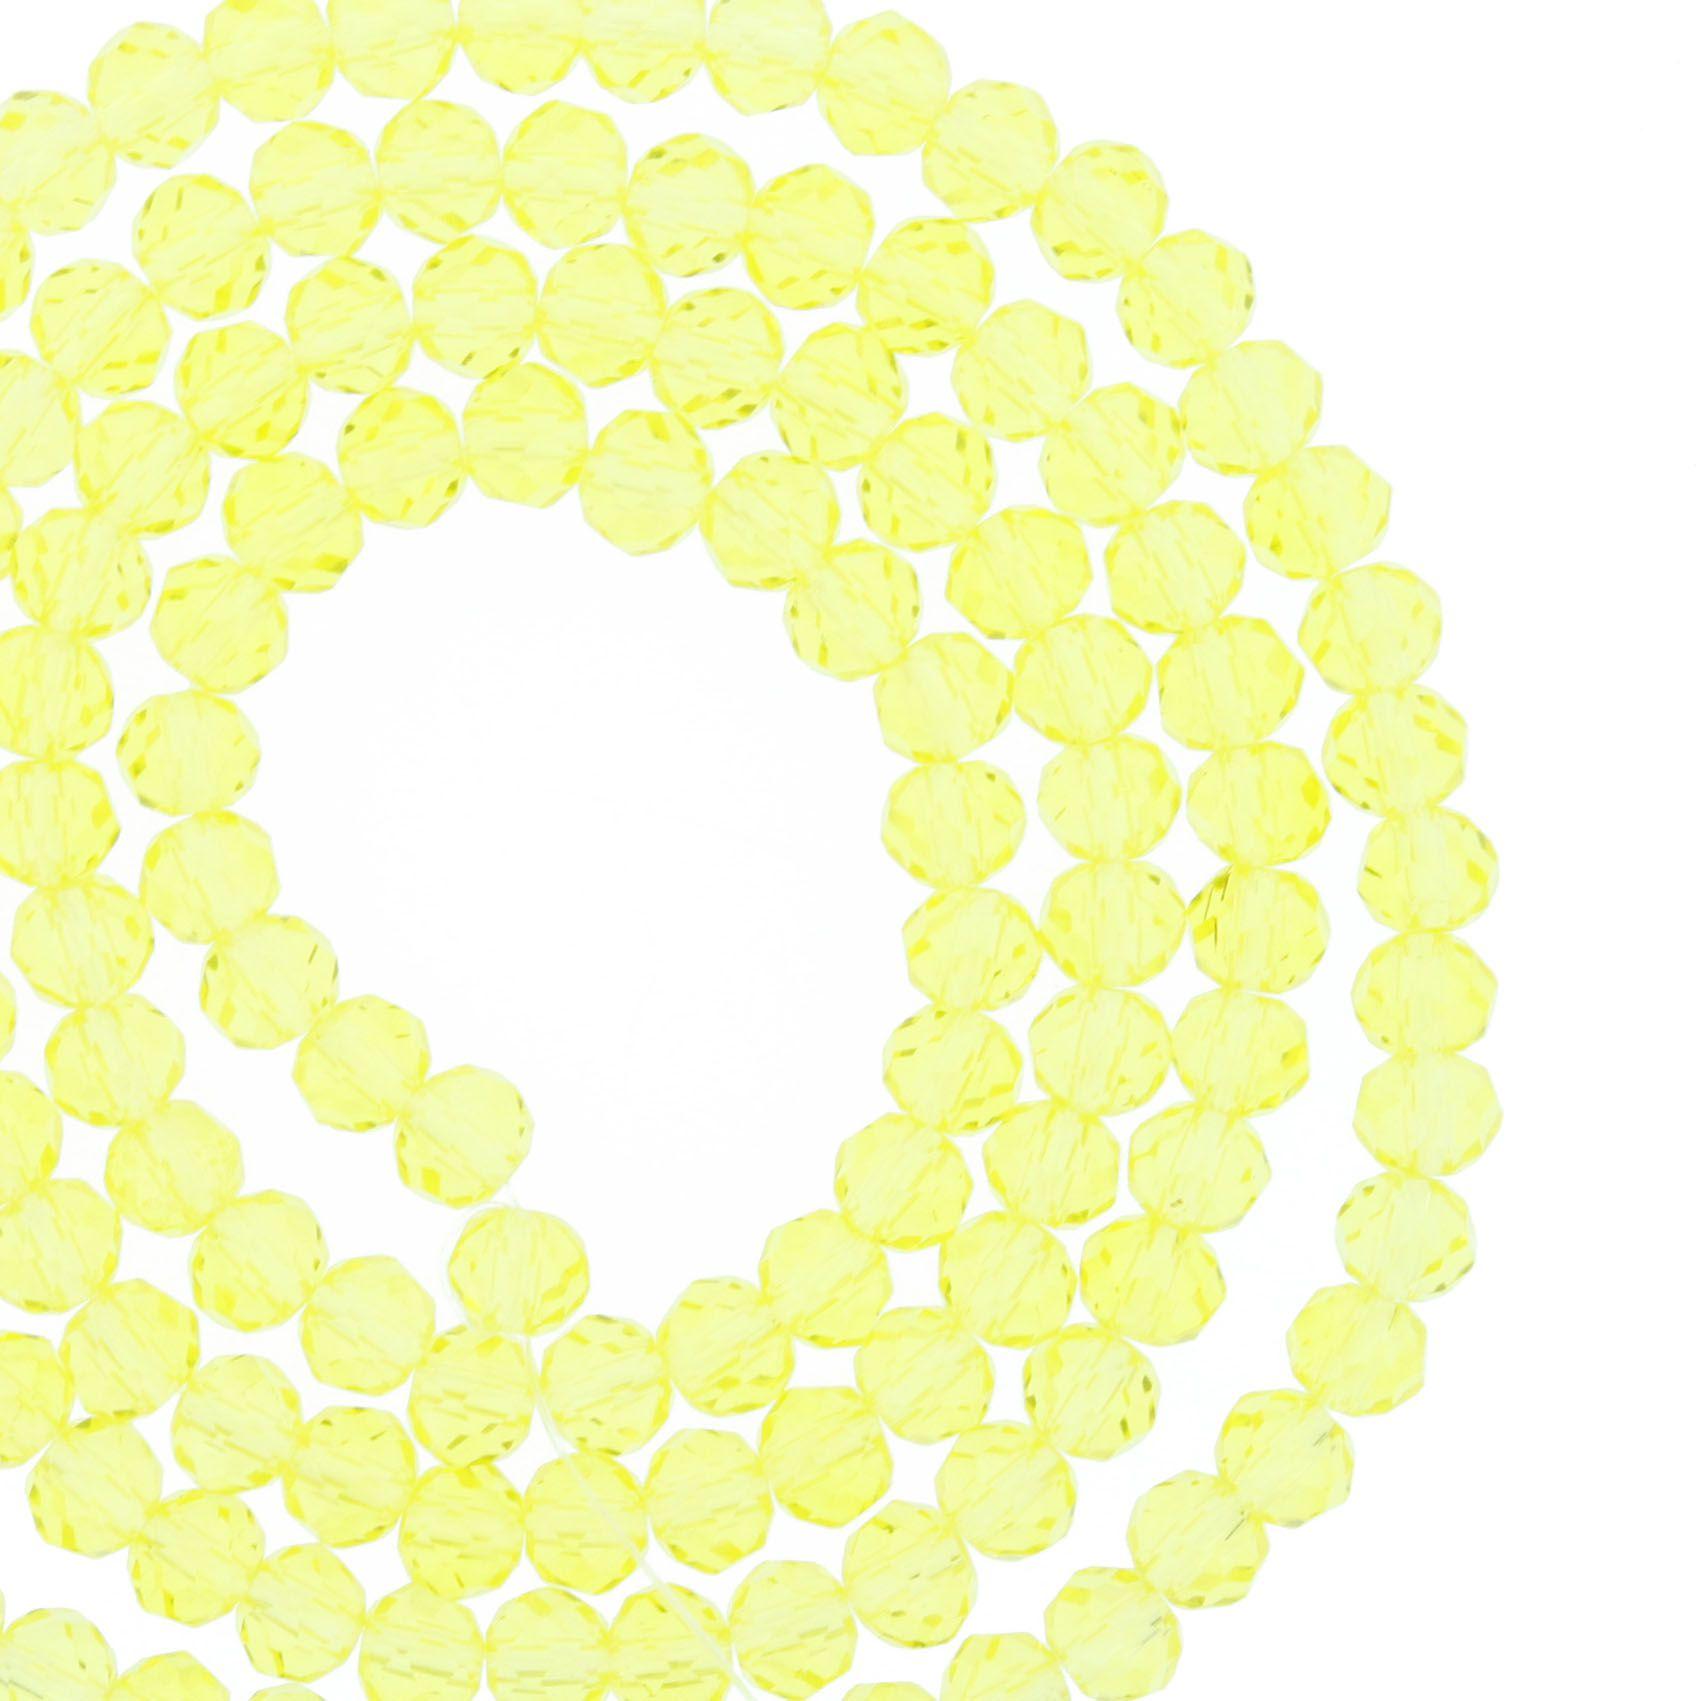 Fio de Cristal - Piatto® - Amarelo Claro Transparente - 4mm  - Universo Religioso® - Artigos de Umbanda e Candomblé